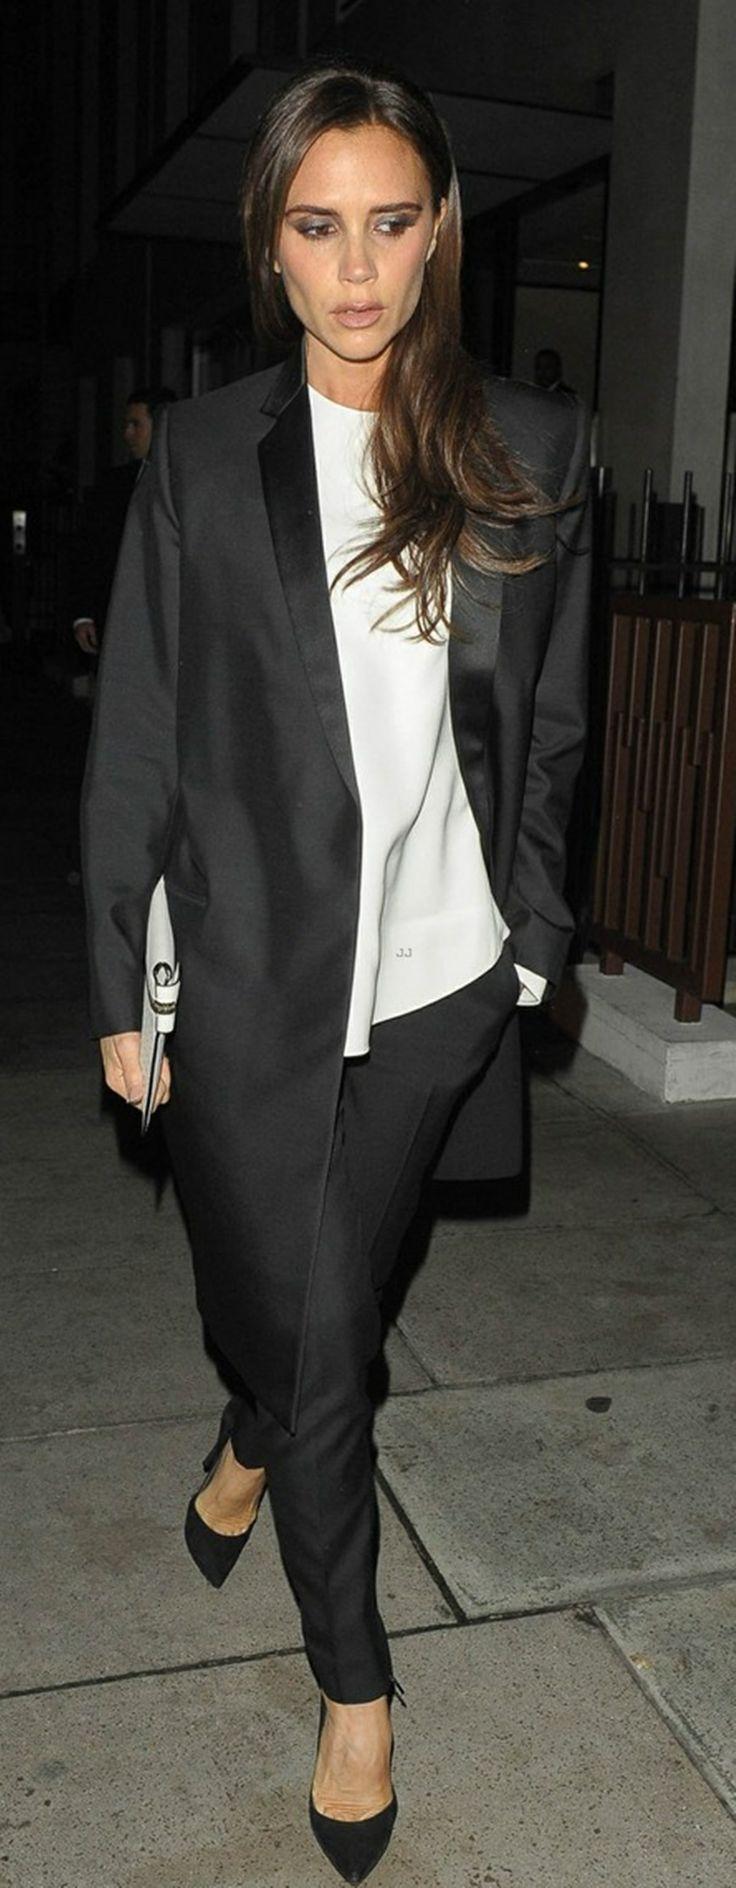 25 Best Victoria Beckham Fashion Designer Ideas On Pinterest Victoria Beckham Dresses